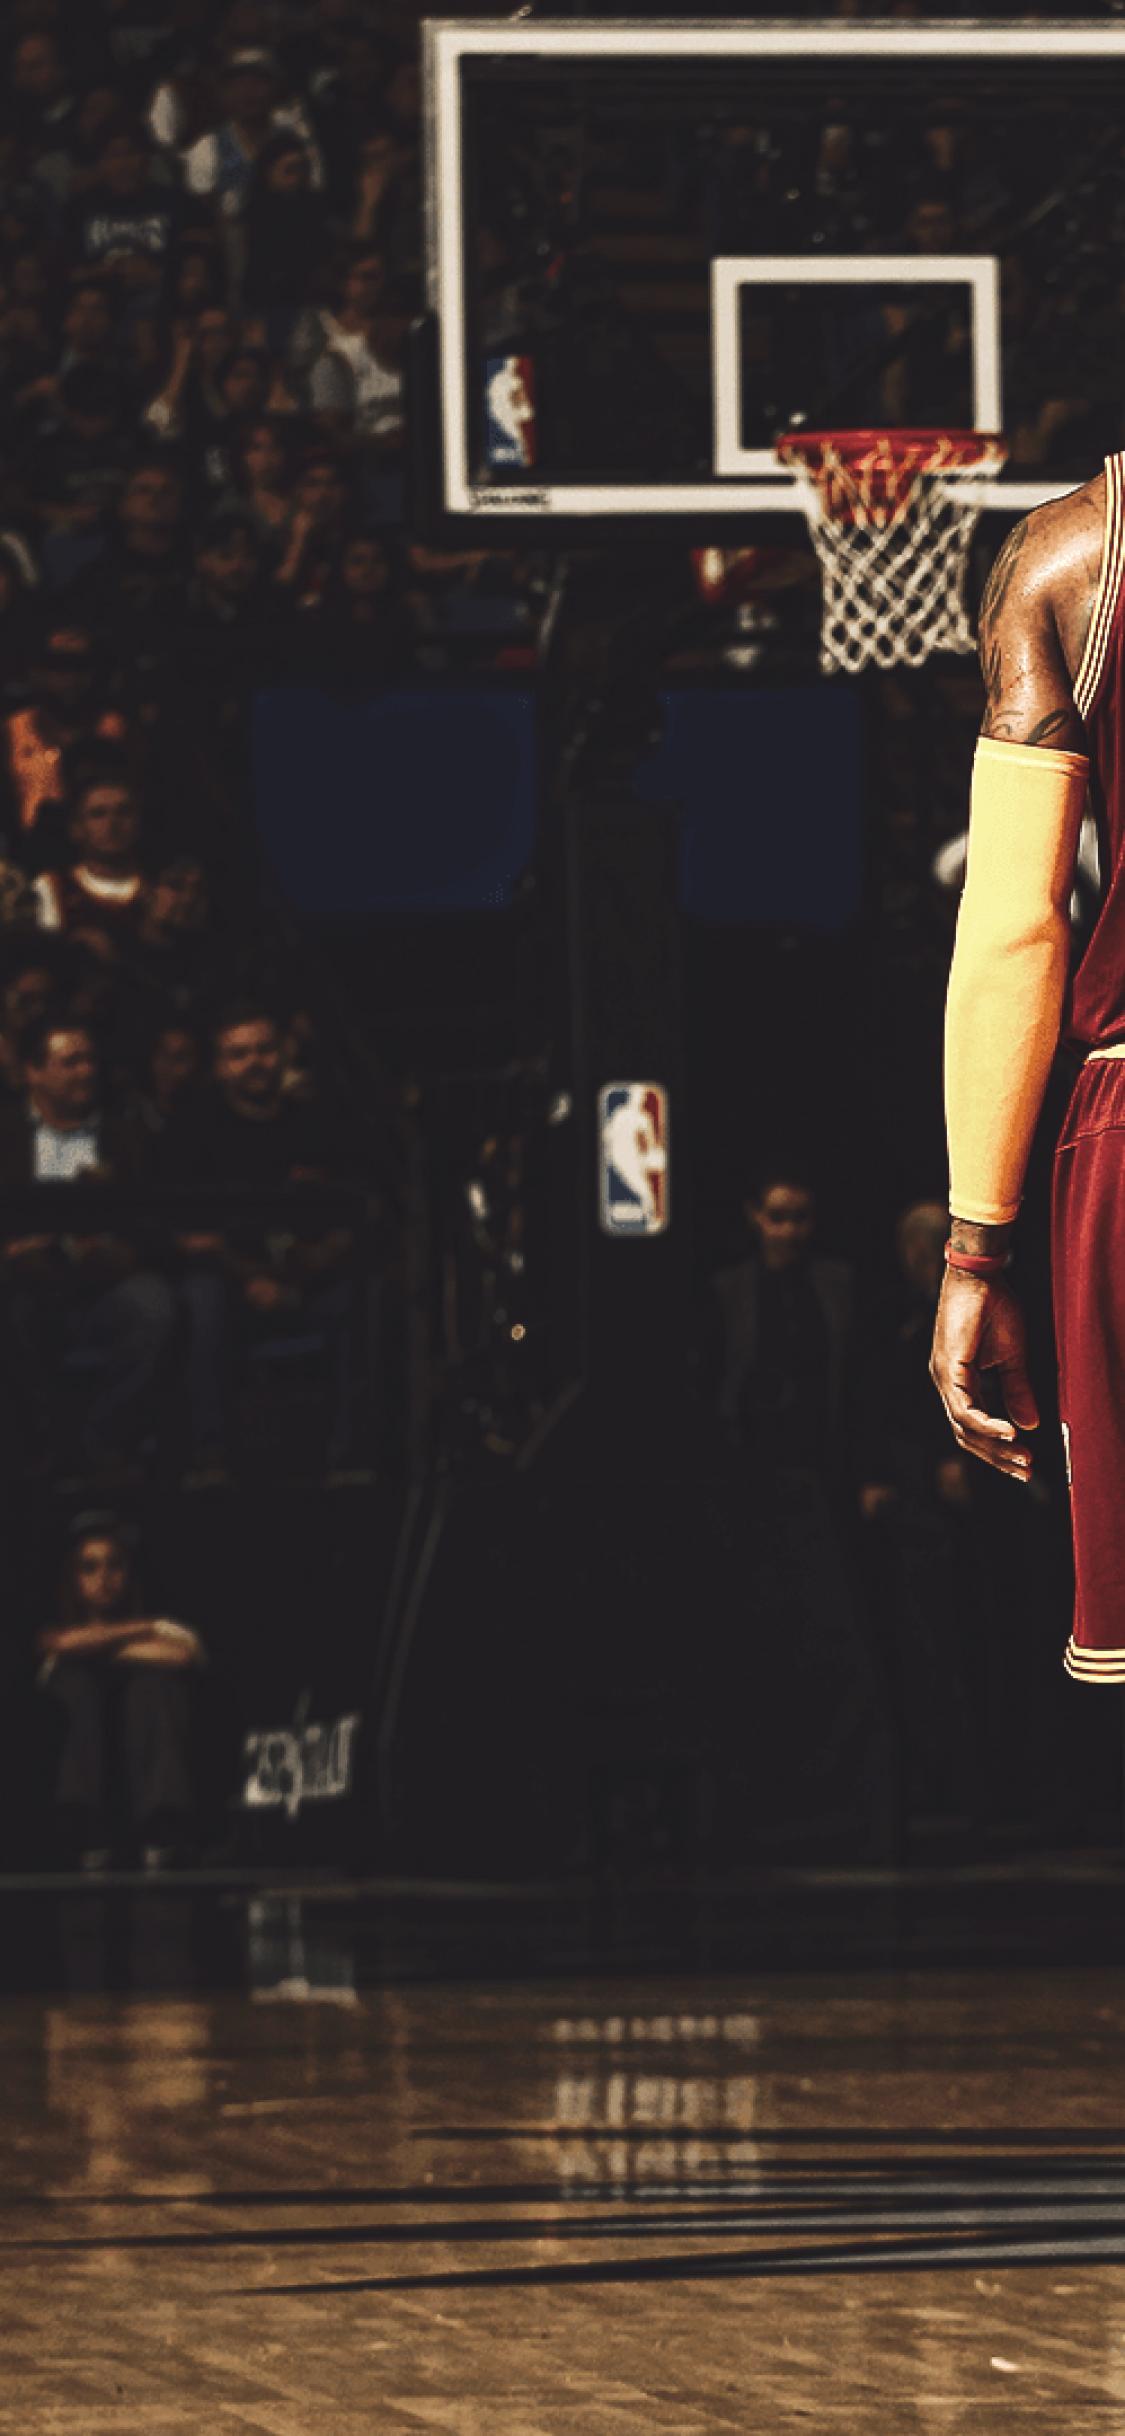 Lebron James, Basketball Court - Iphone X Wallpaper Basketball , HD Wallpaper & Backgrounds